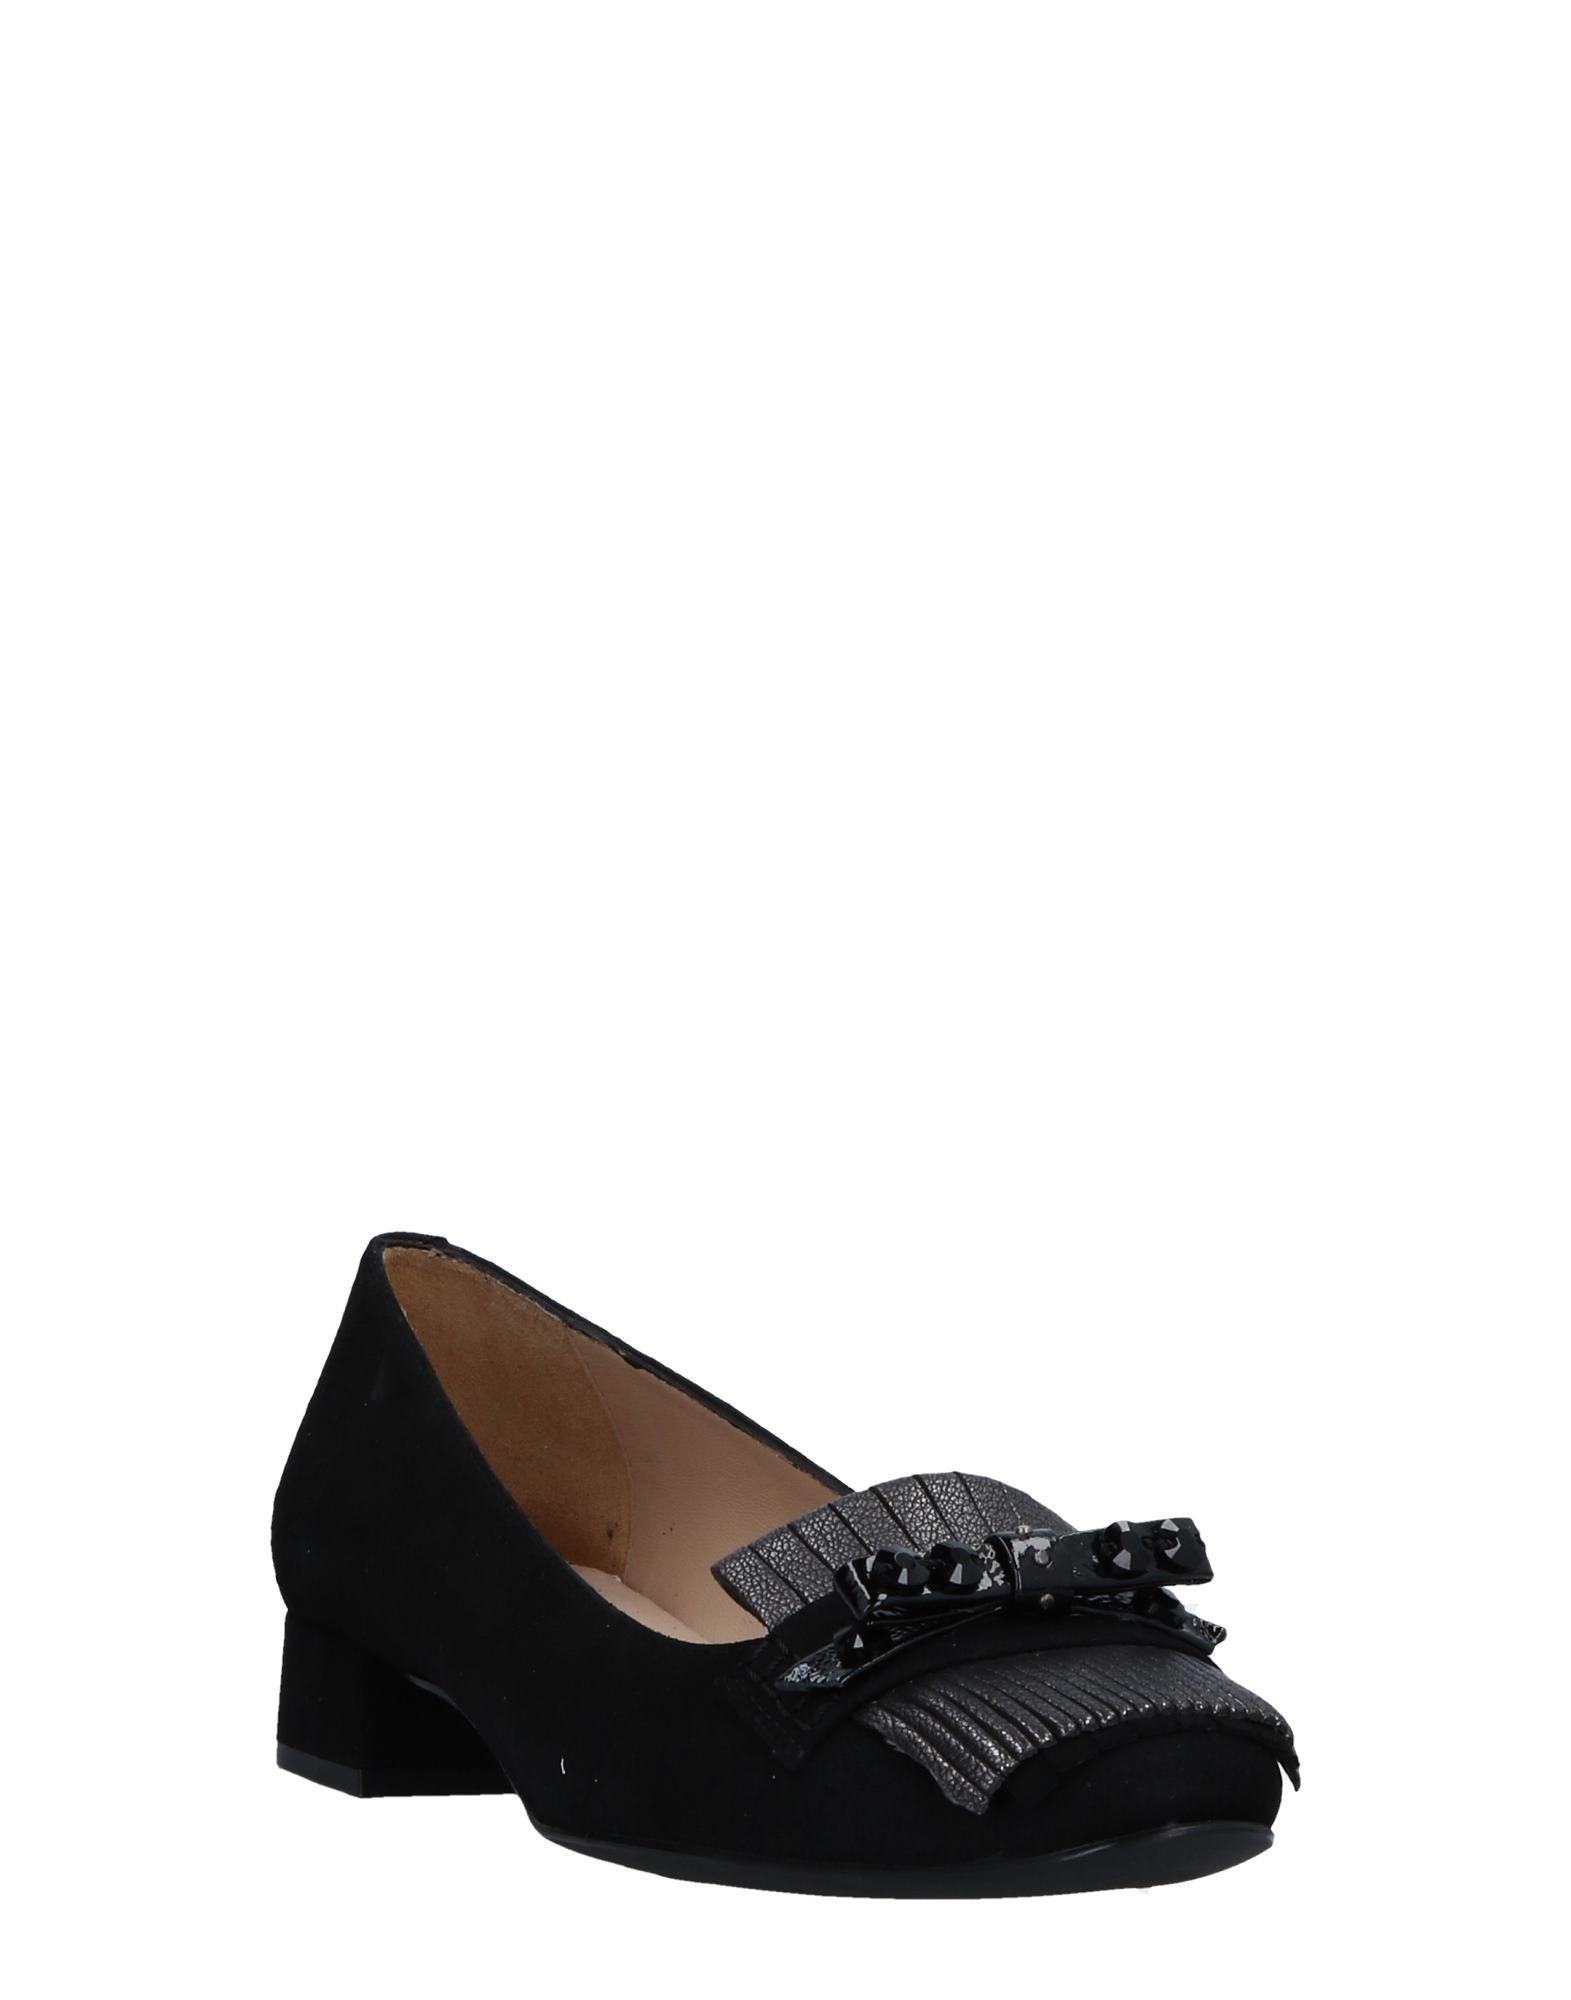 Unisa Gute Mokassins Damen  11514800RS Gute Unisa Qualität beliebte Schuhe e5b96b